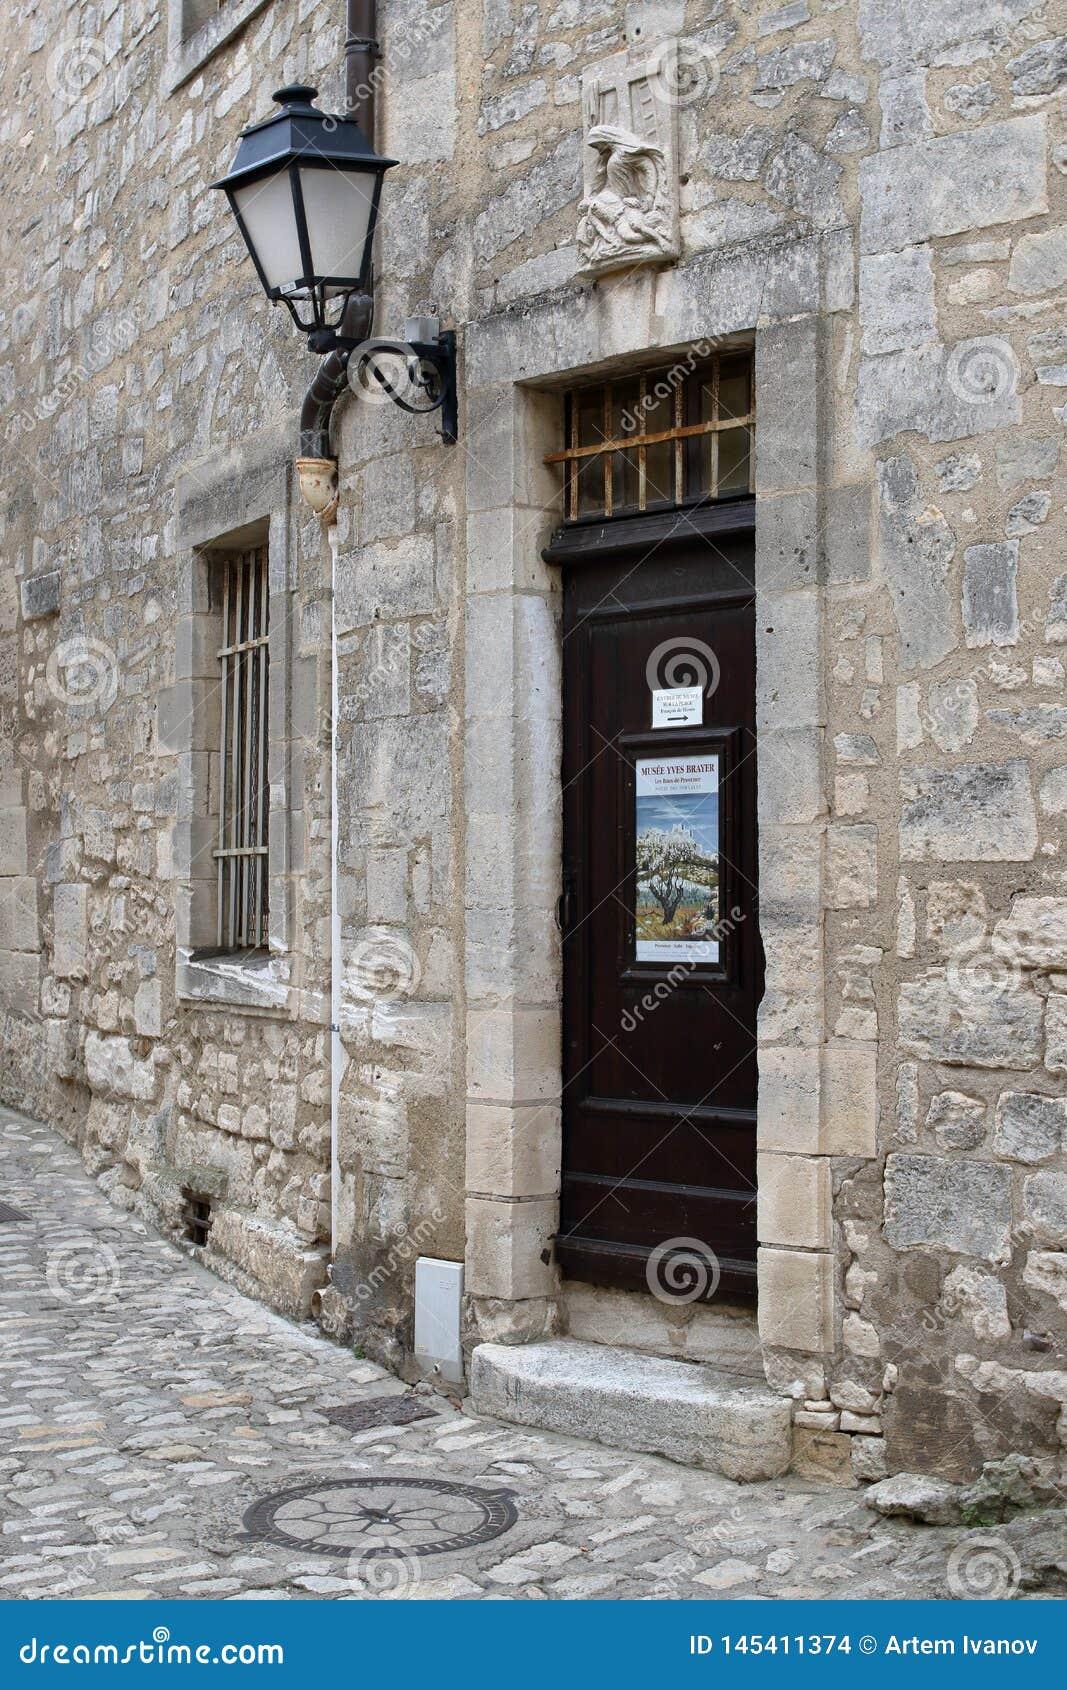 An antique wooden door, an iron lantern and a sculpture Pietà above the door